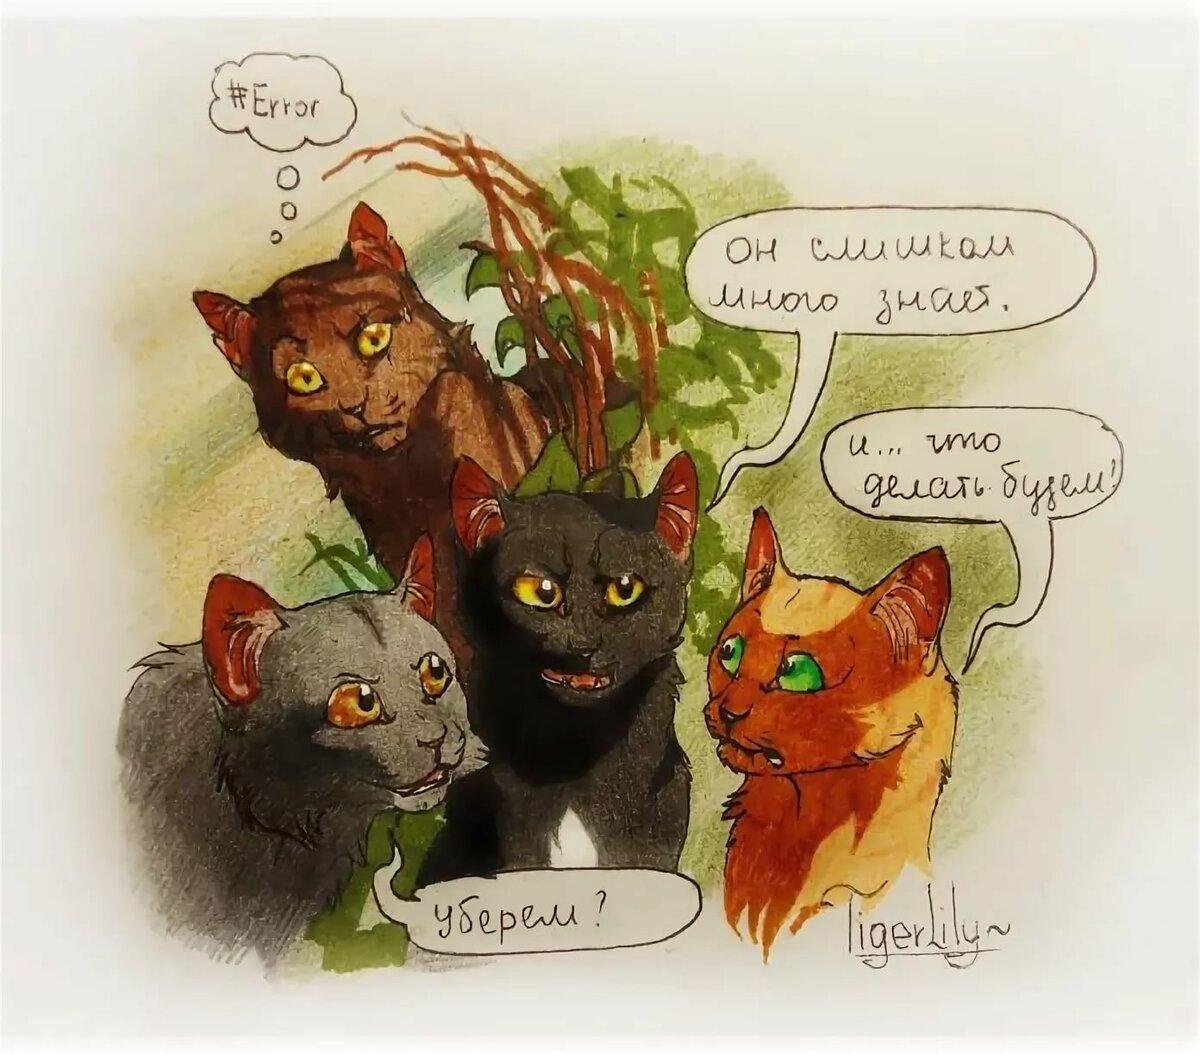 Невеста картинка, смешные картинки коты воители с надписями